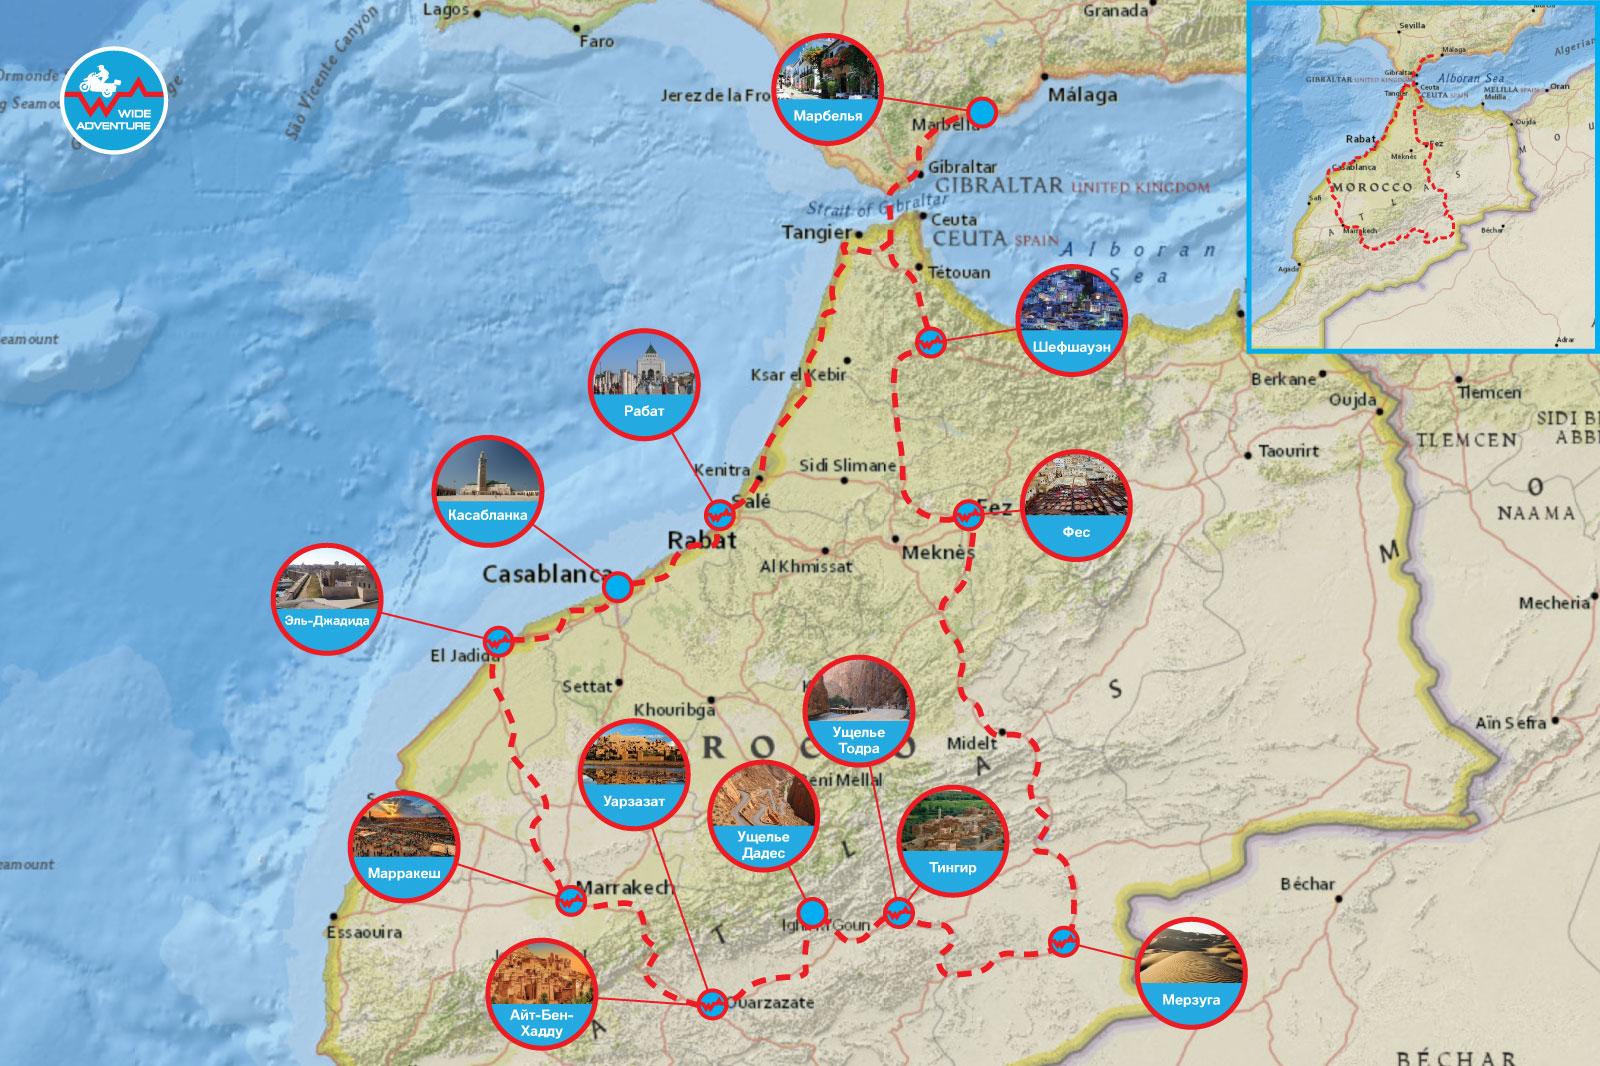 Мавританское Королевство (13 дней)